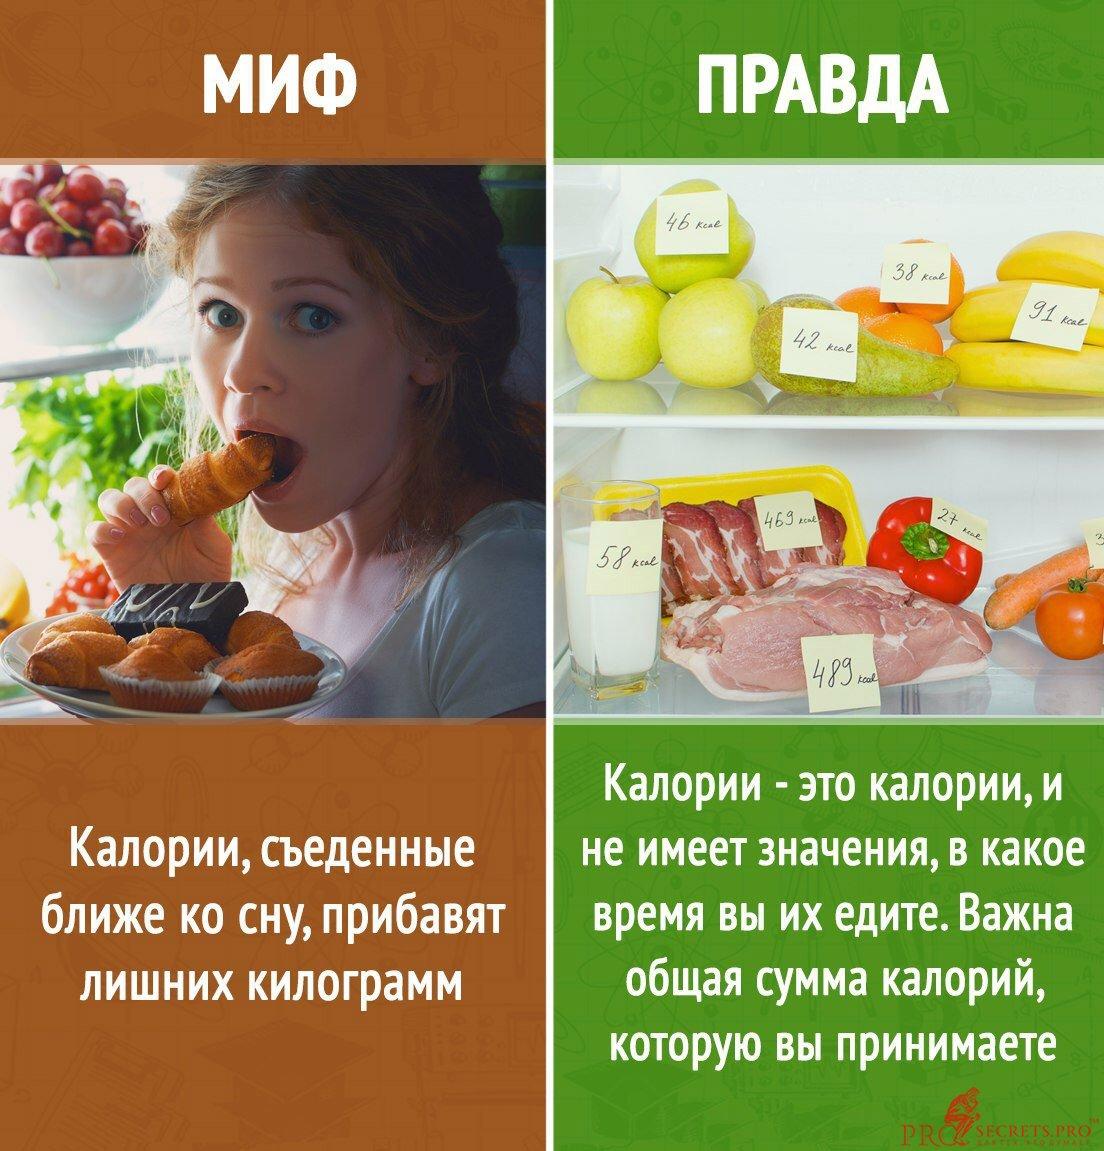 Топ 20 мифов о правильном питании и добавках